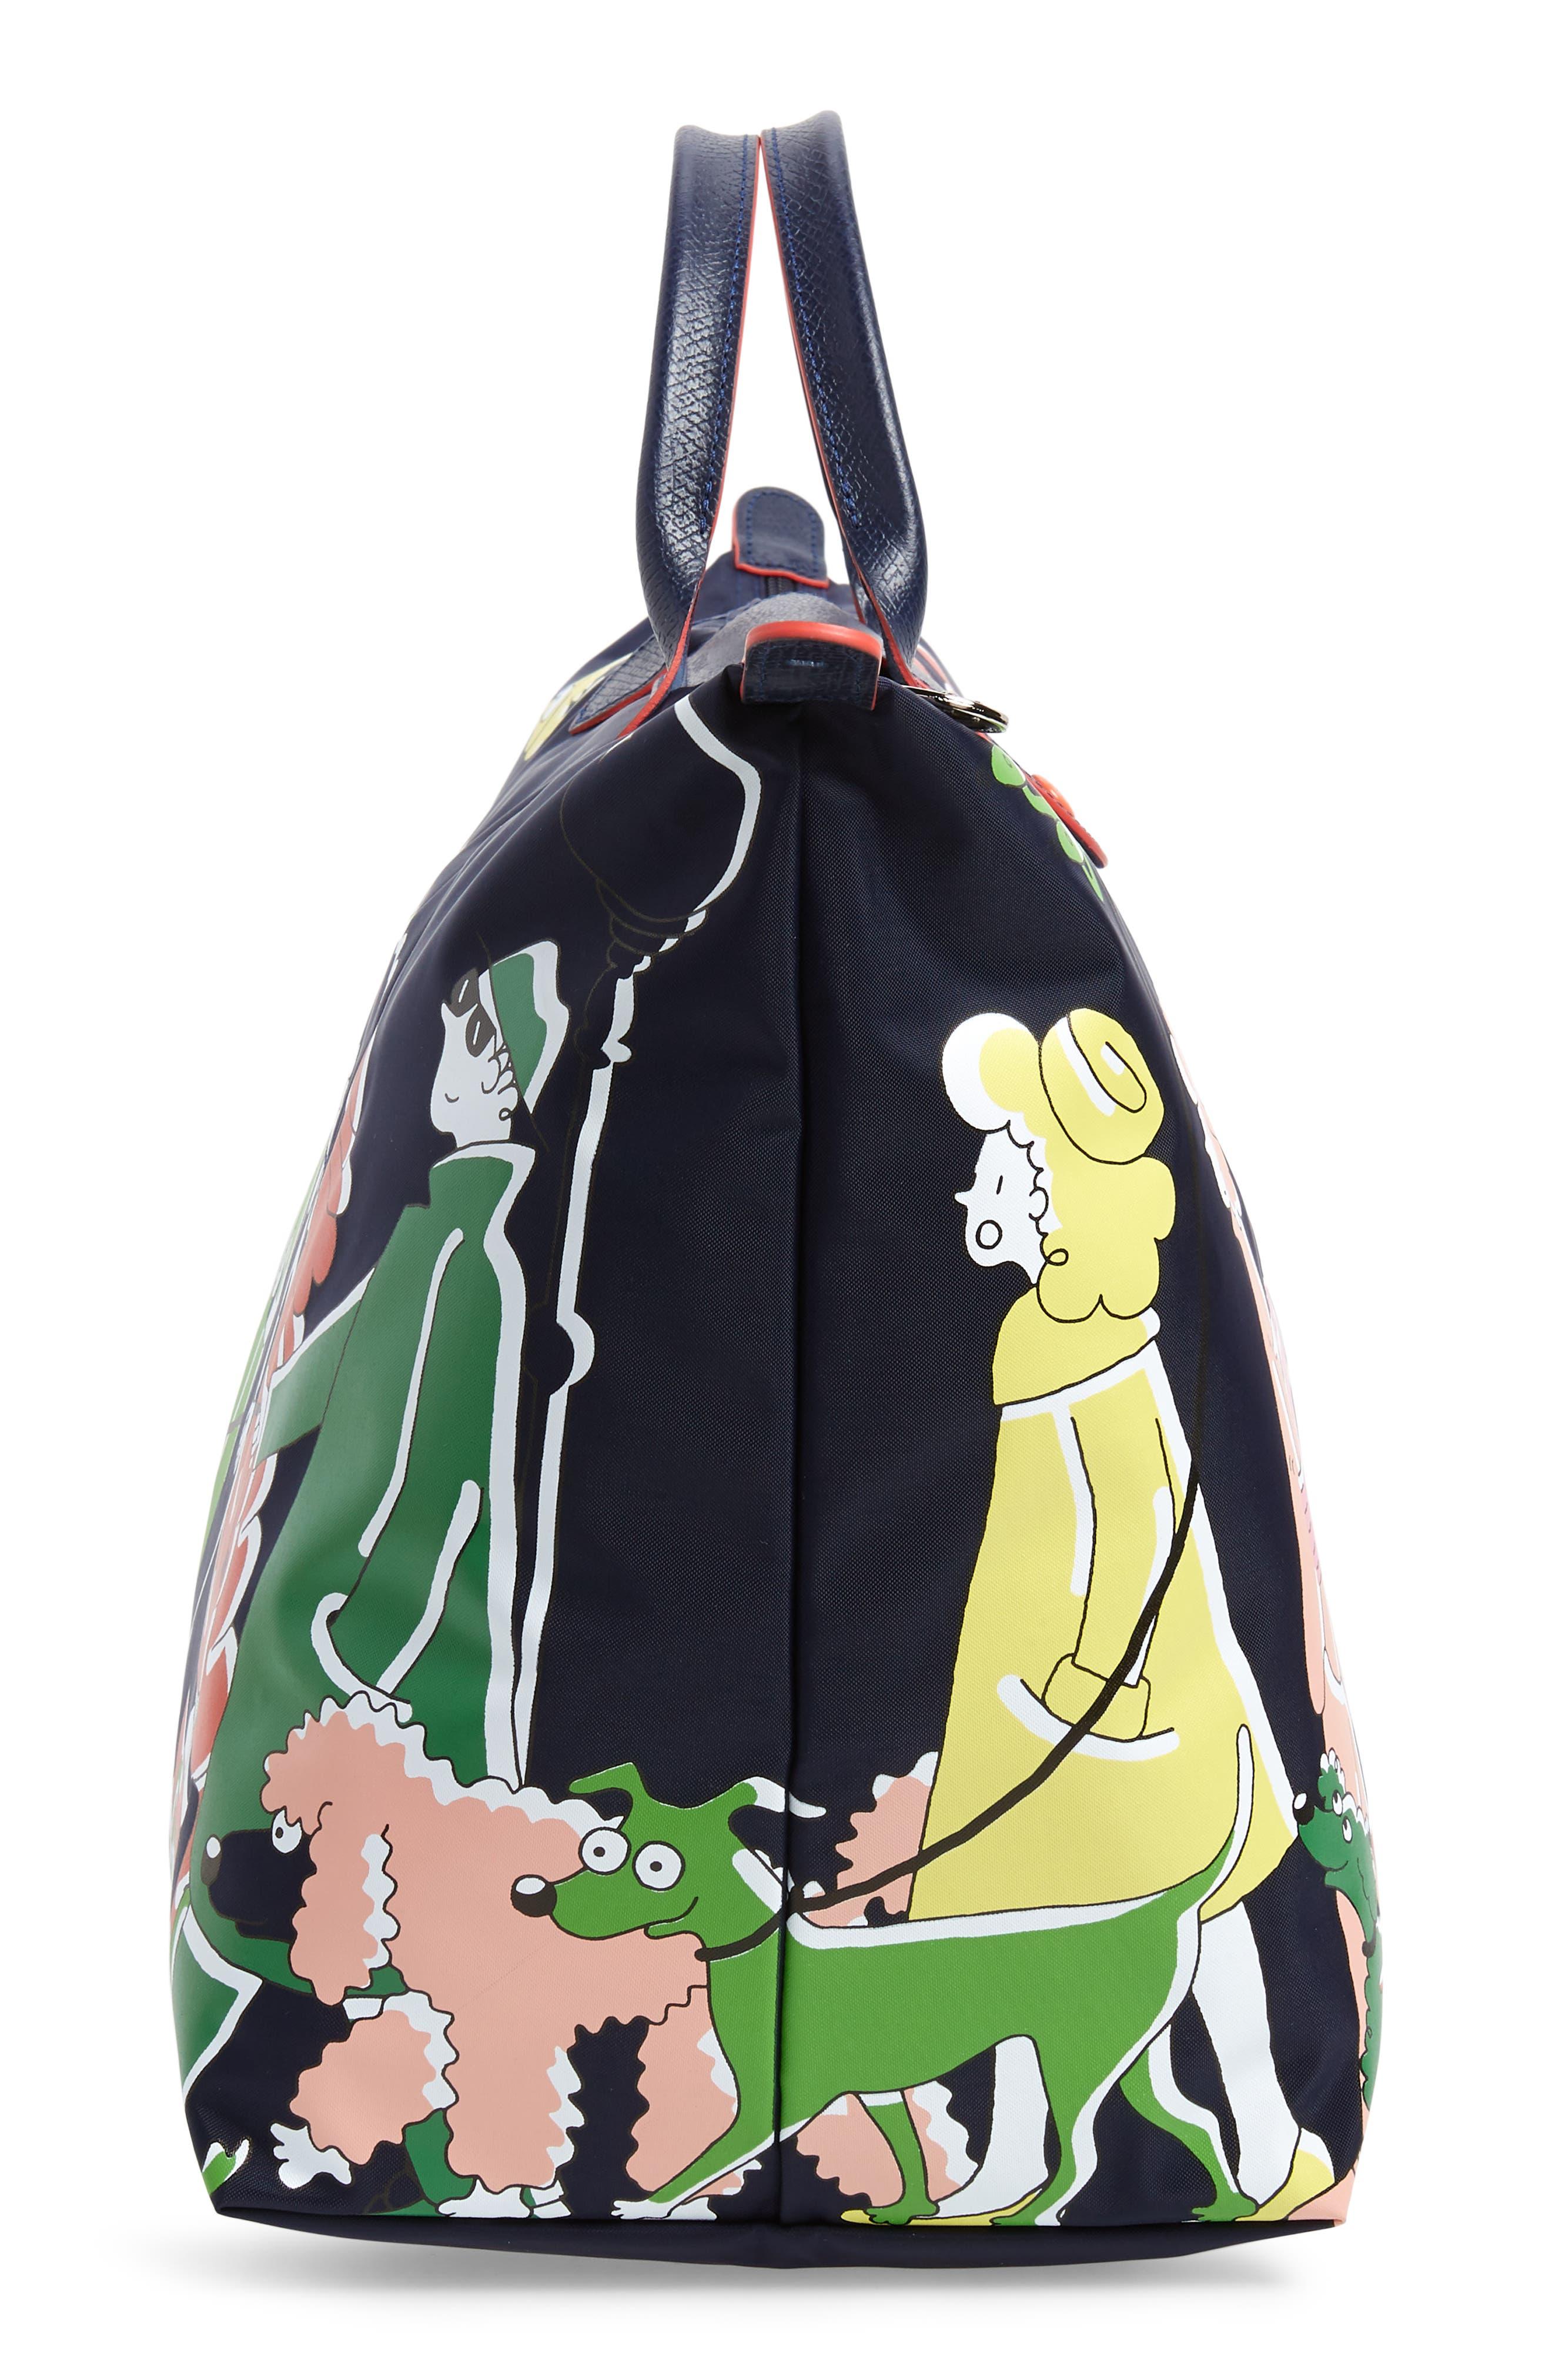 x Clo'e Floirat Le Pliage Illustration Travel Bag,                             Alternate thumbnail 5, color,                             MULTICOLOR